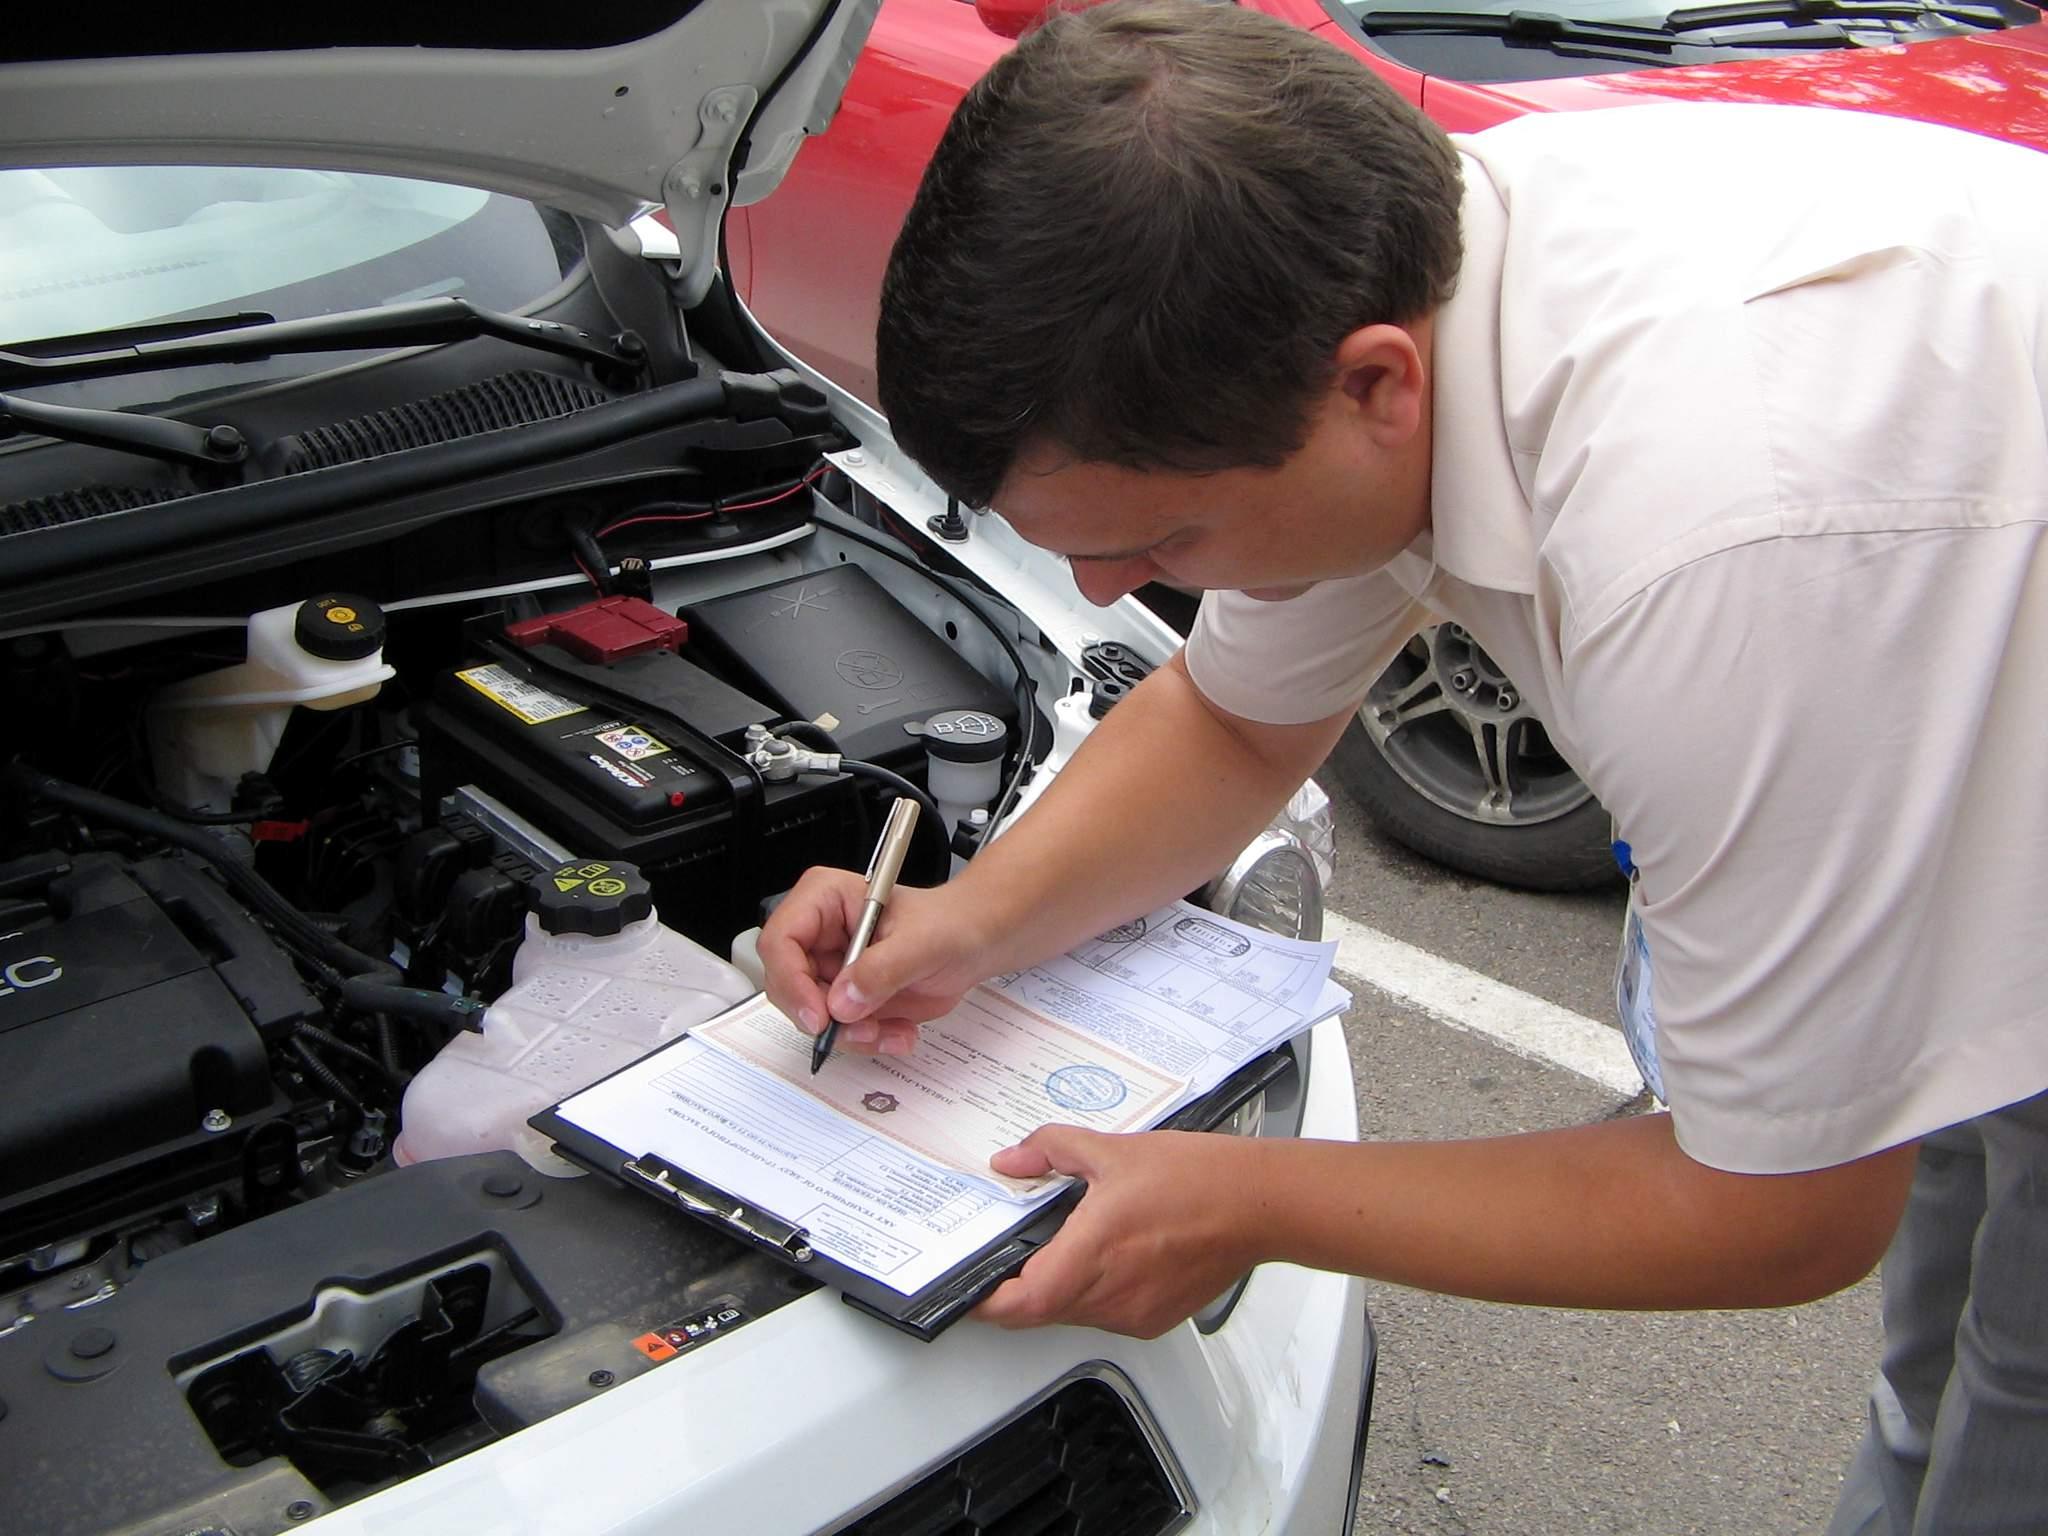 Оценка автомобиля для нотариуса по наследству: где сделать независимое определение стоимости машины, какие документы нужны для экспертизы транспортного средства?